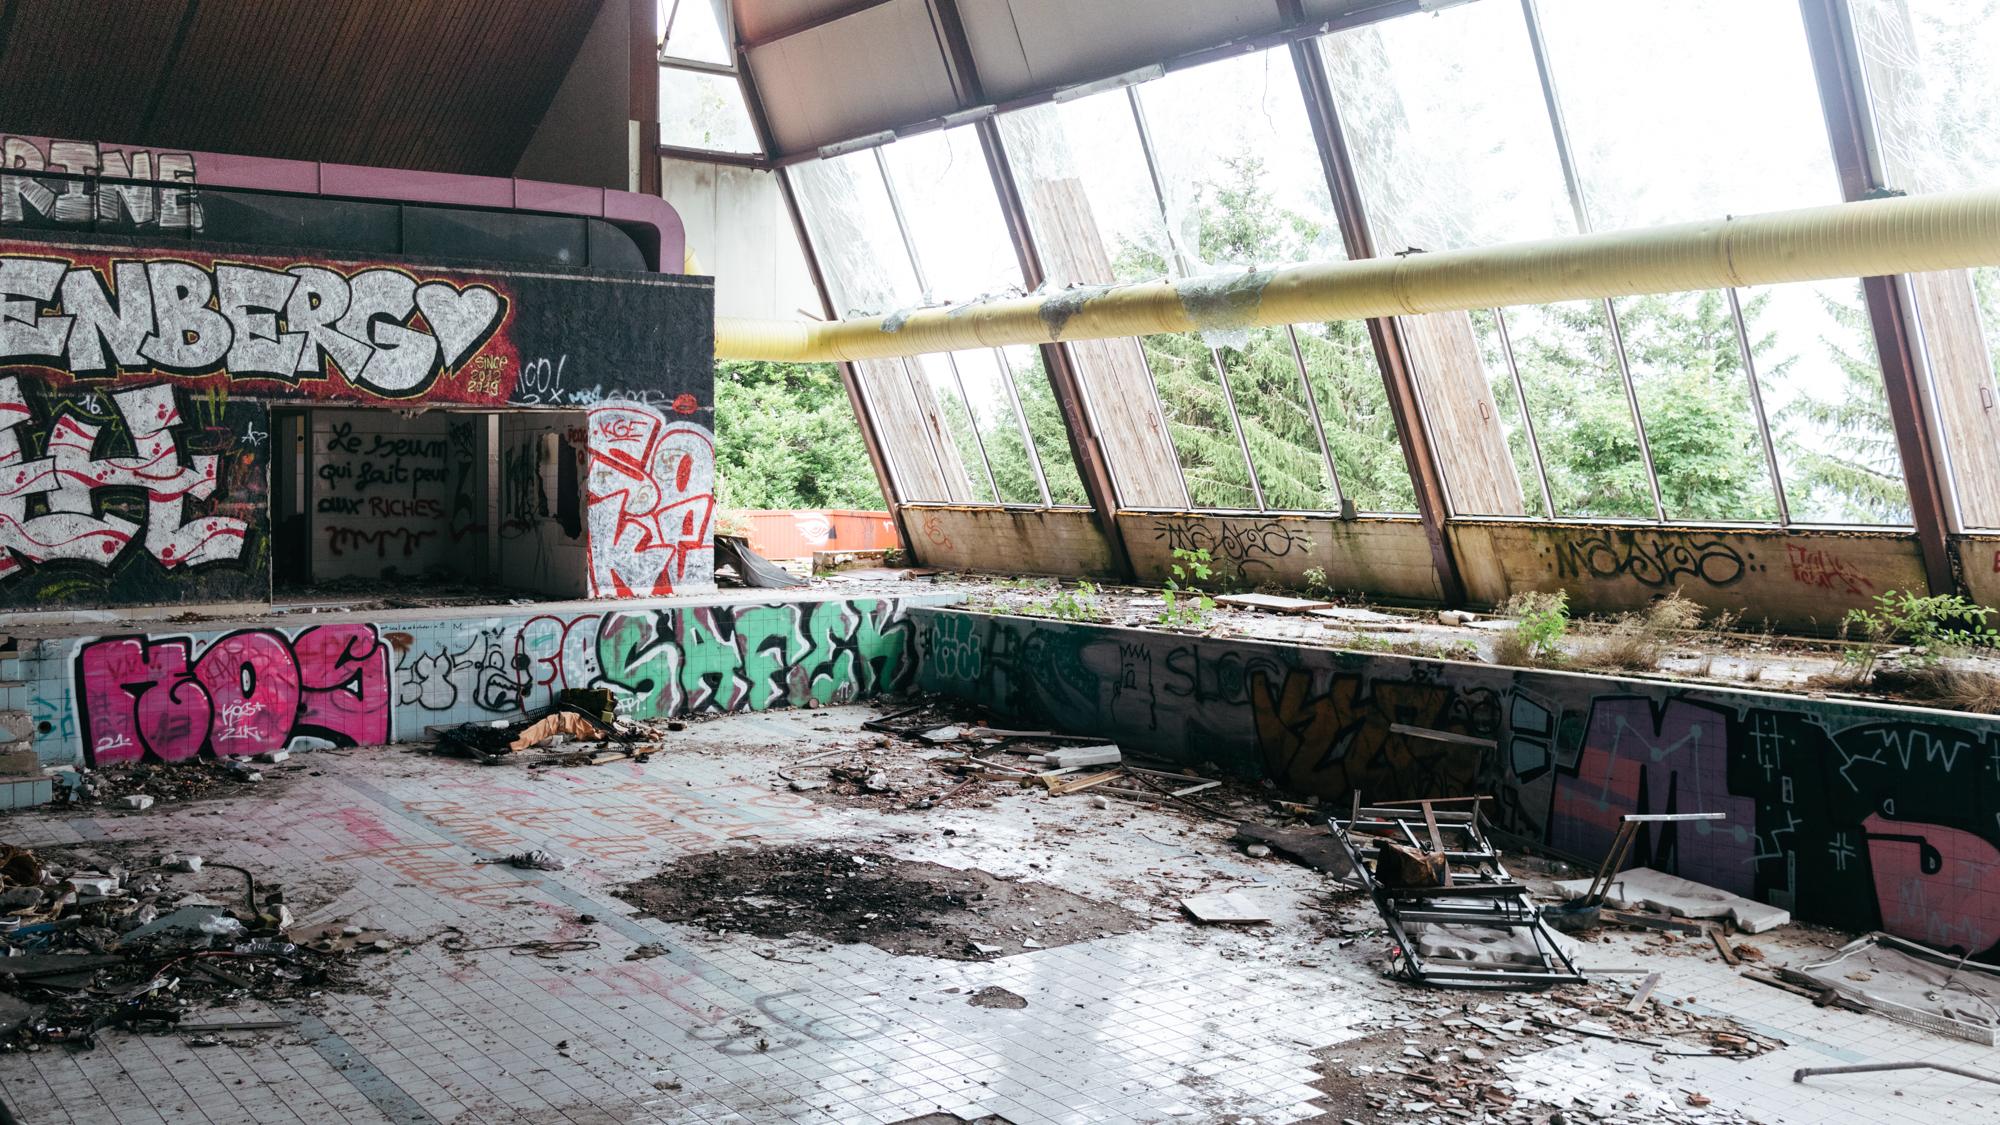 Piscine abandonnée